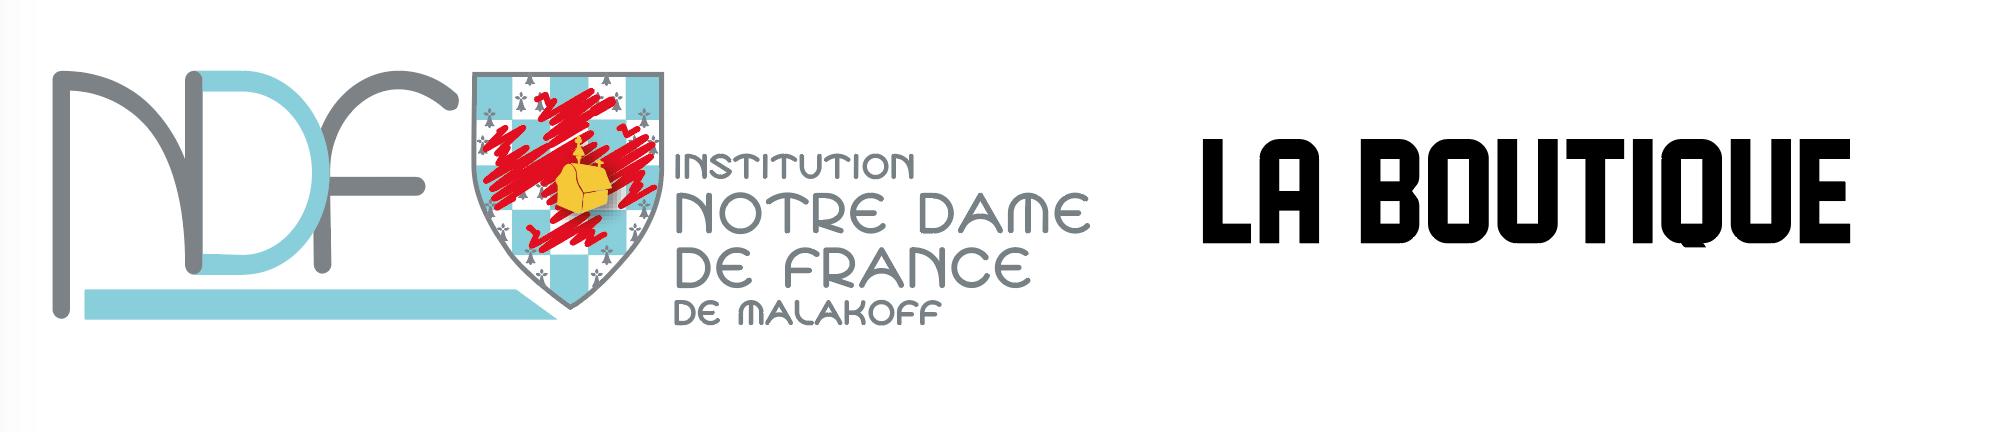 Notre Dame de France Malakoff